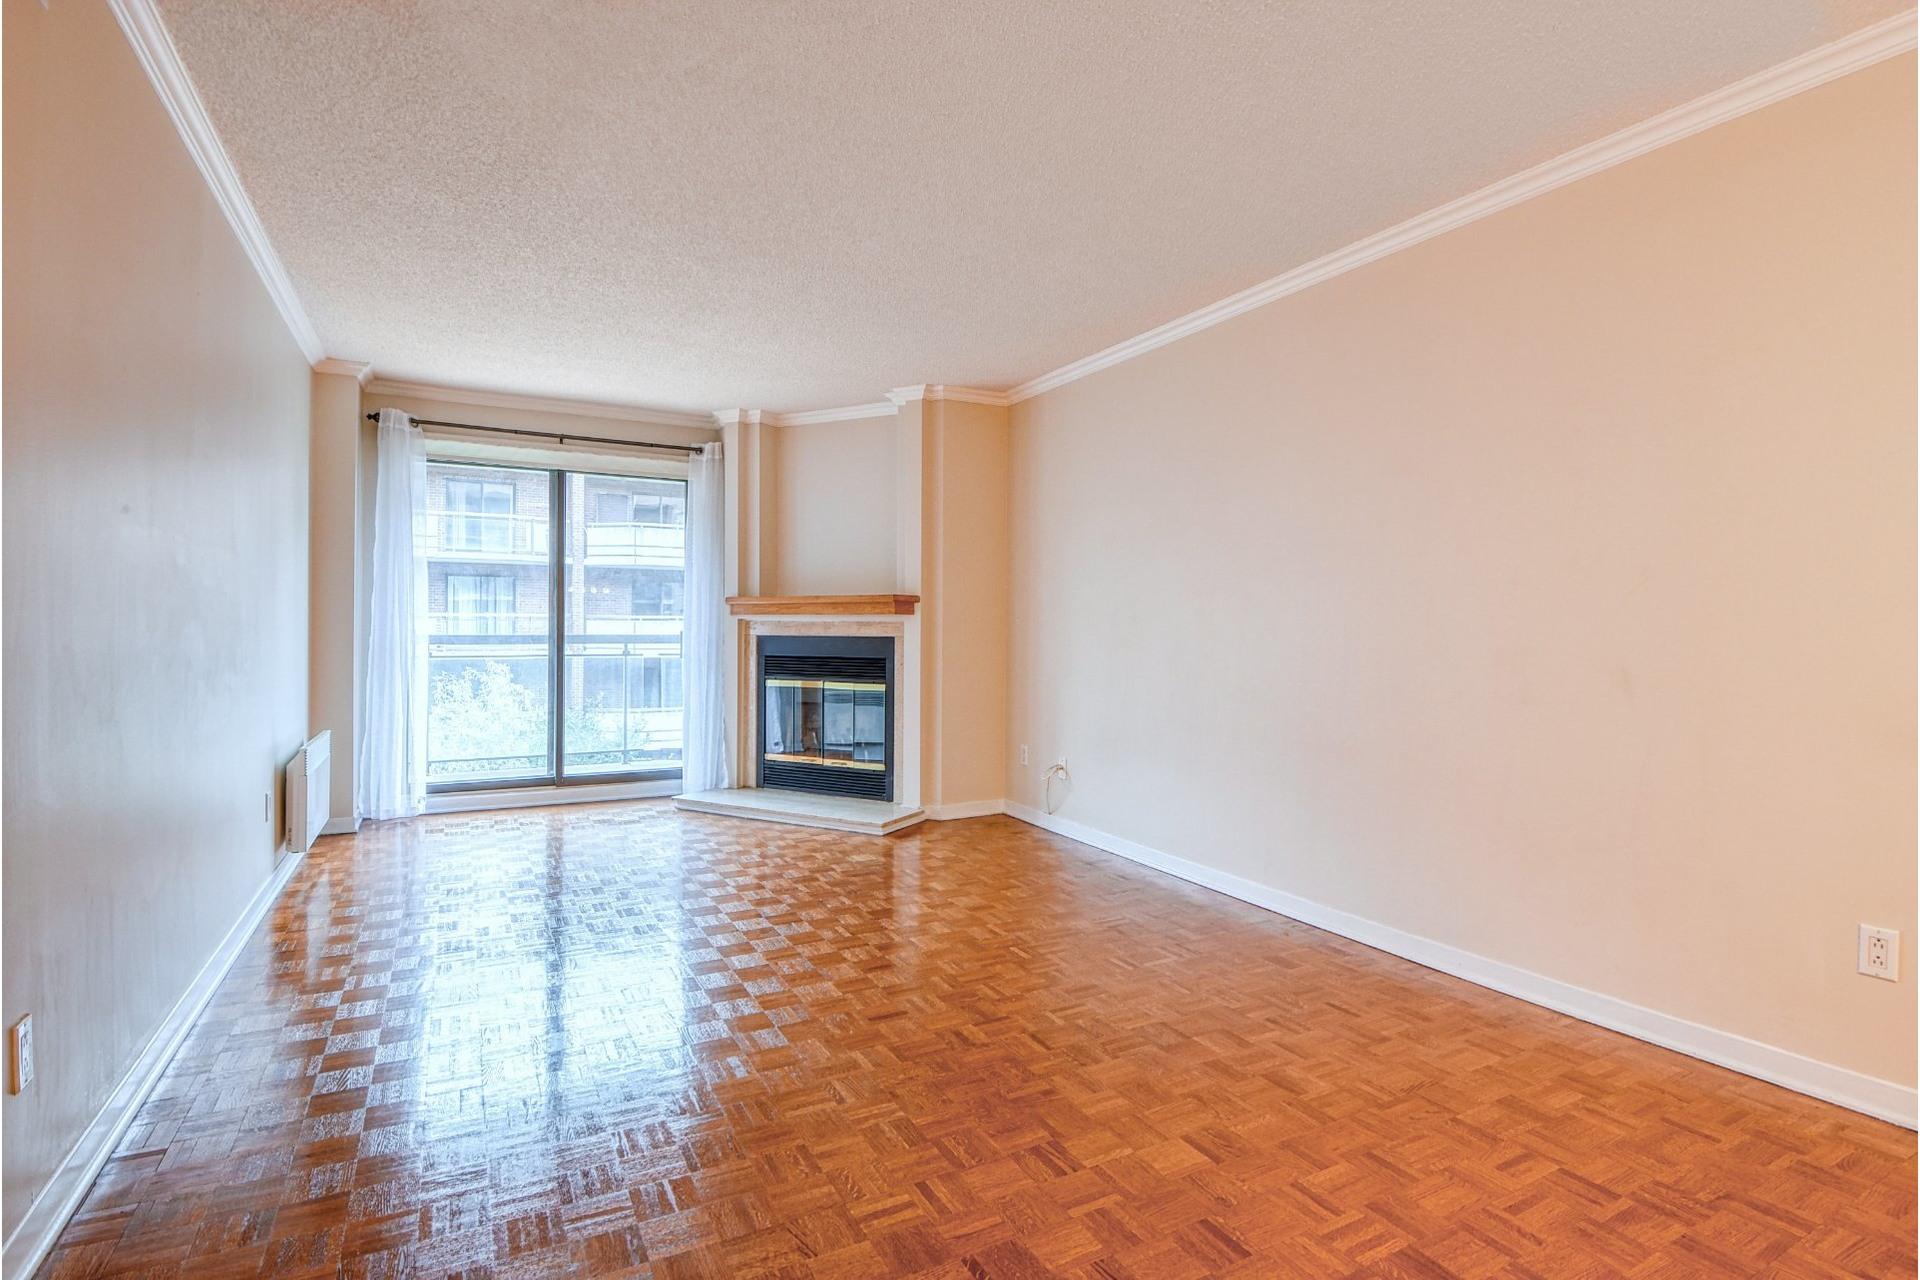 image 2 - Appartement À louer Ville-Marie Montréal  - 4 pièces